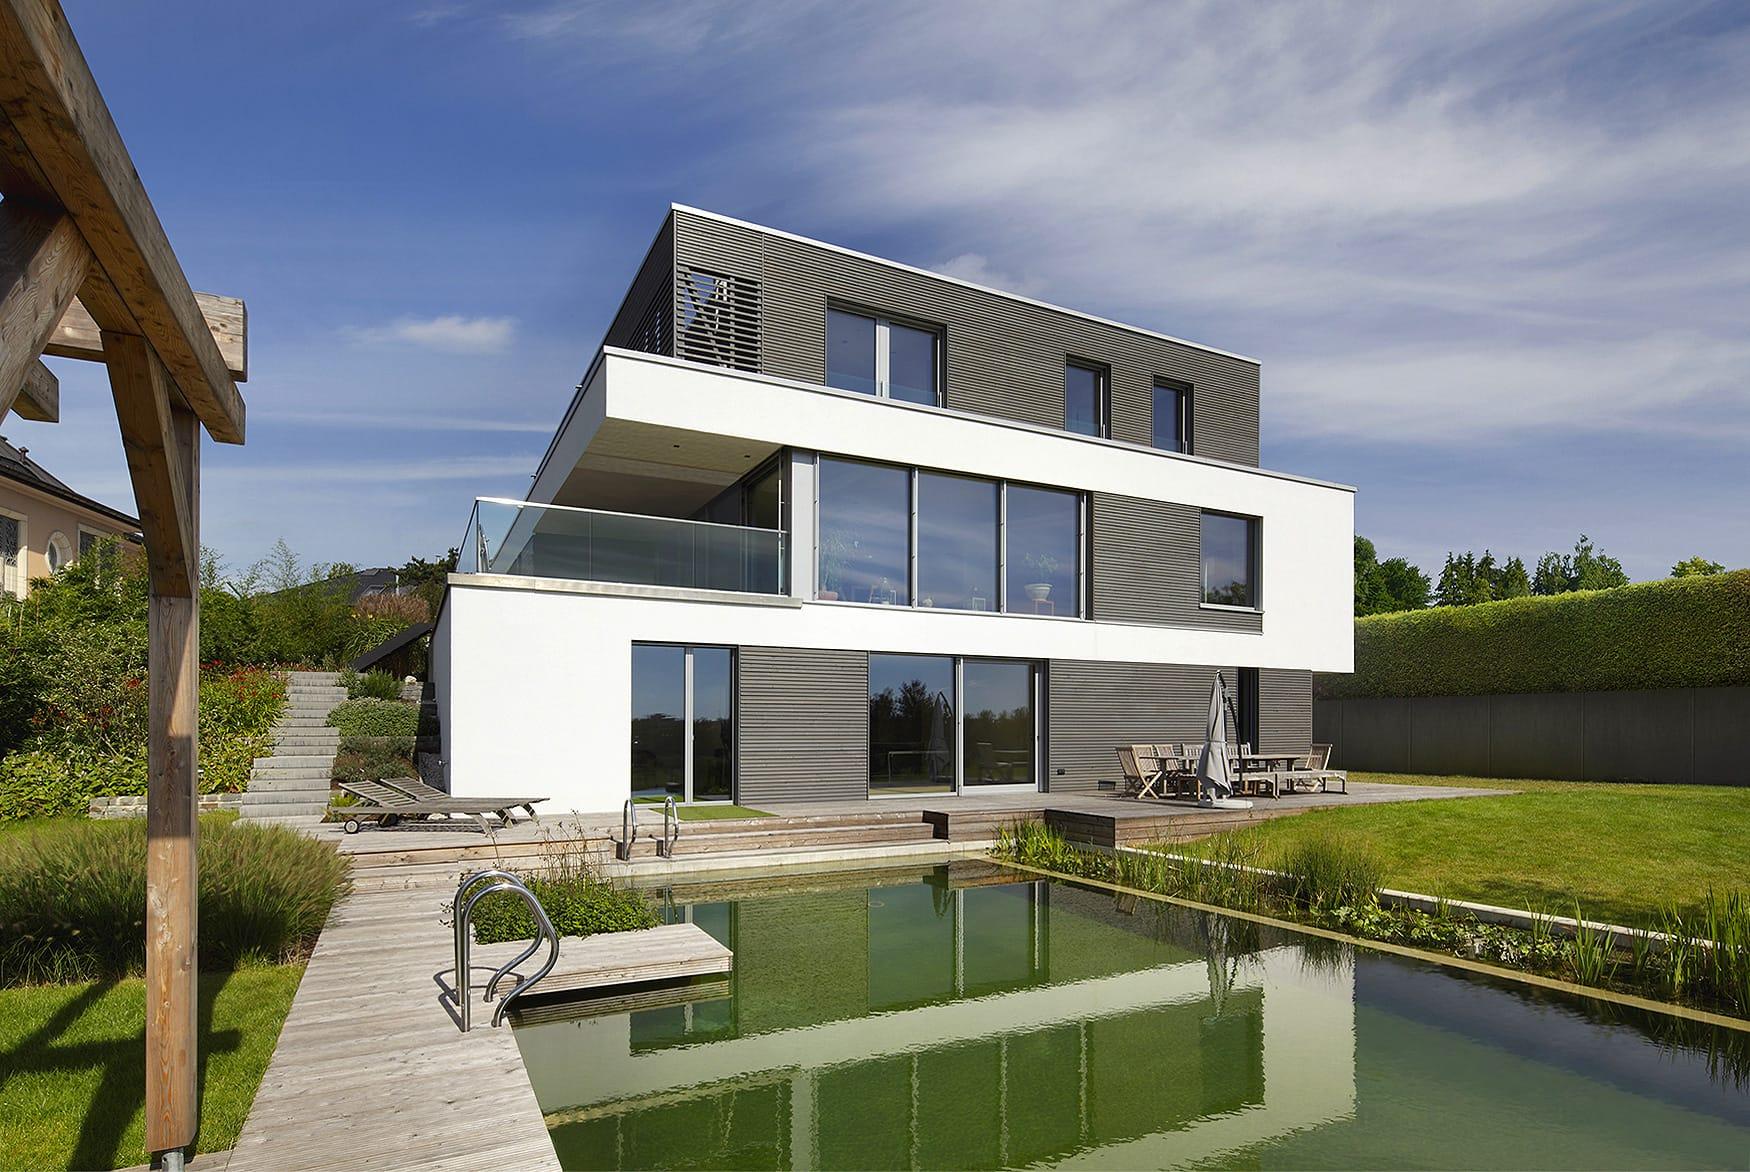 Baufritz: Grüne Öko-Häuser der Zukunft